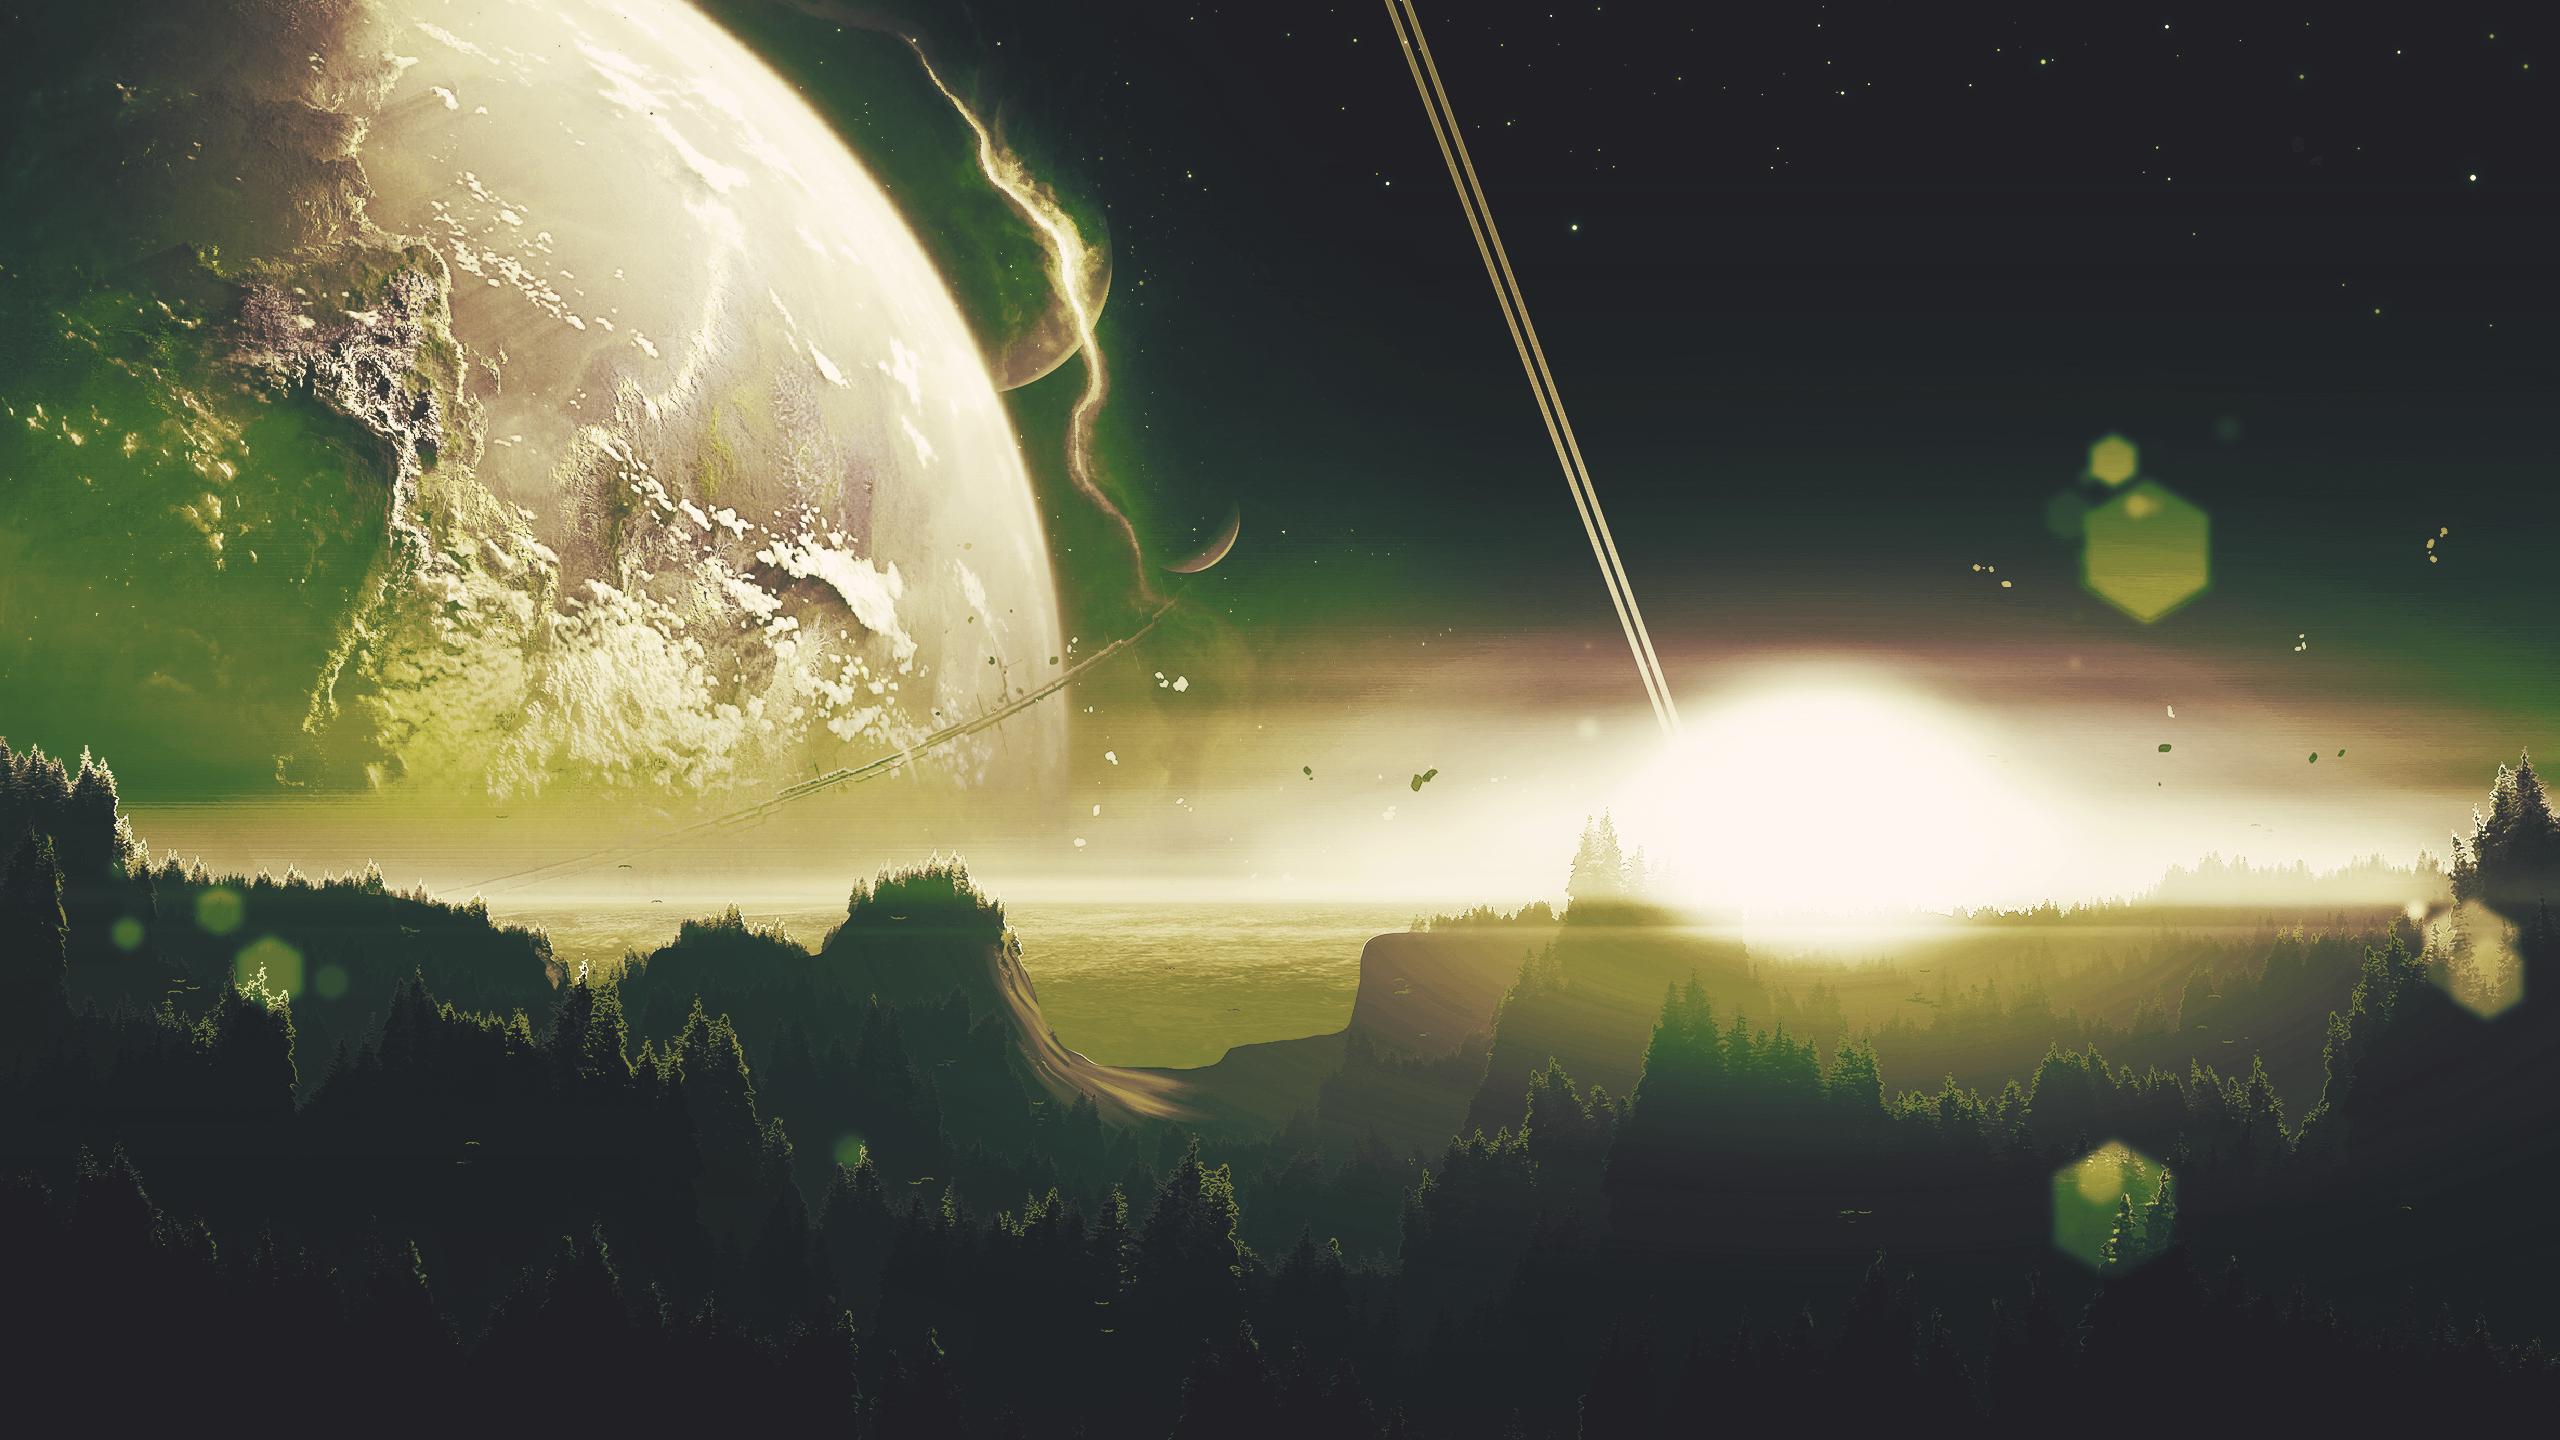 Wallpaper Planet Green Sun Light Effects Galaxy Alien Movie 2560x1440 Wiseman 1692883 Hd Wallpapers Wallhere